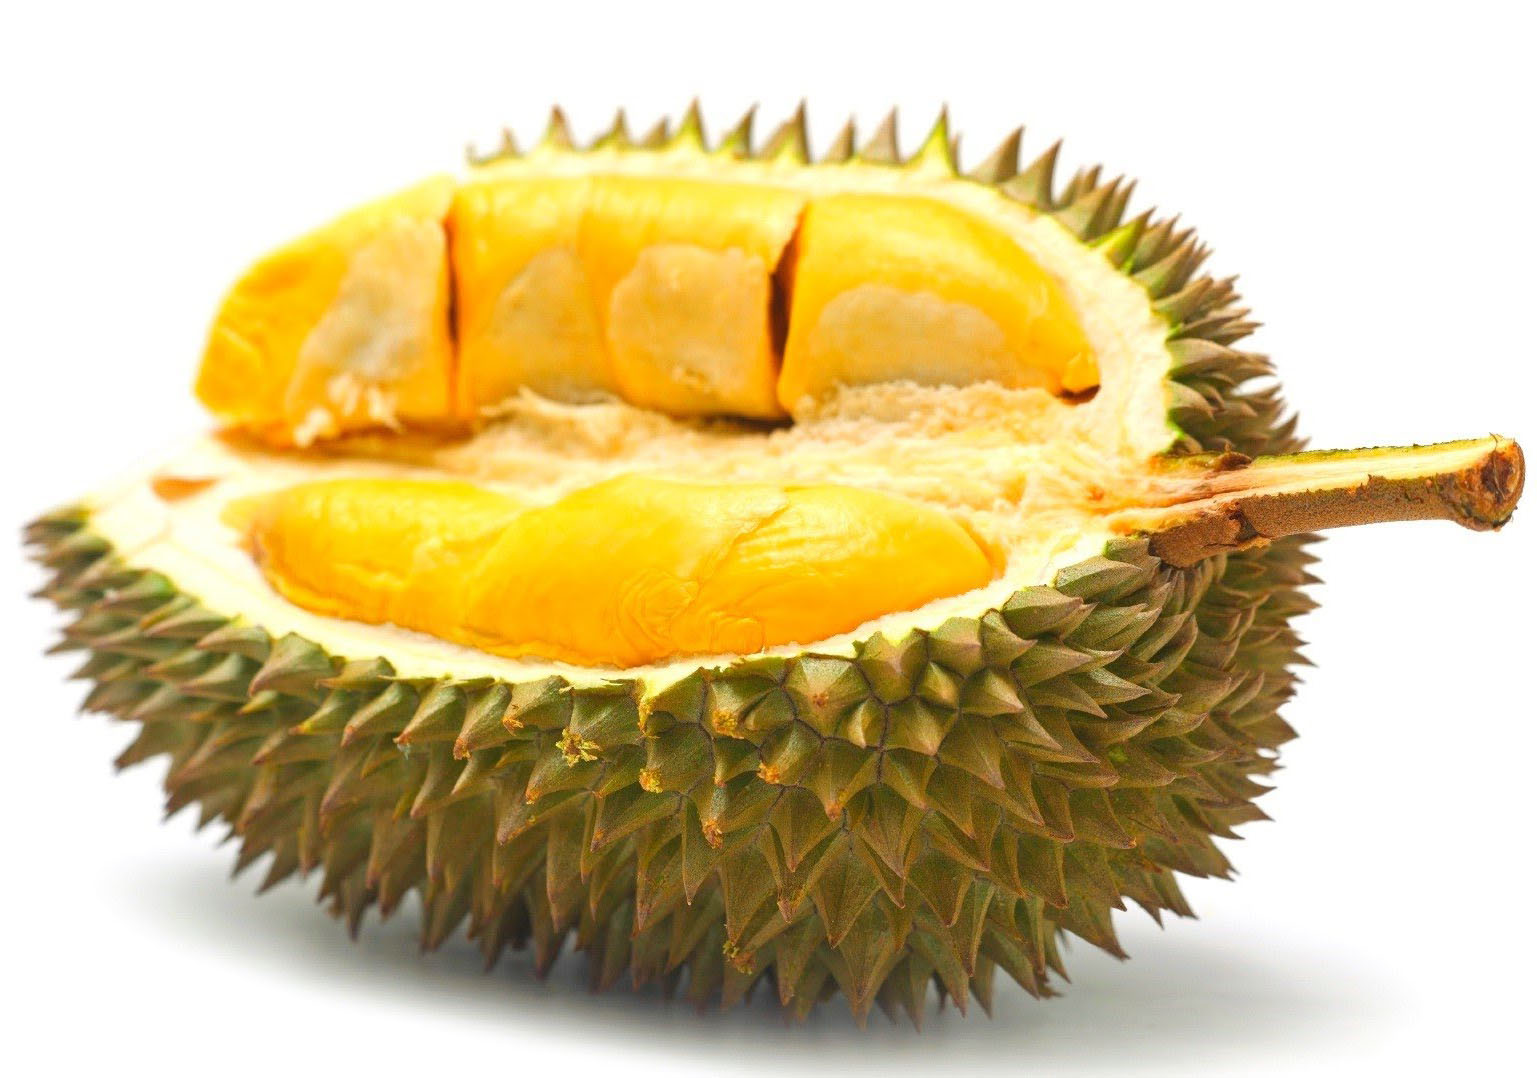 Khasiat dan Manfaat Buah Durian Bagi Kesehatan Tubuh